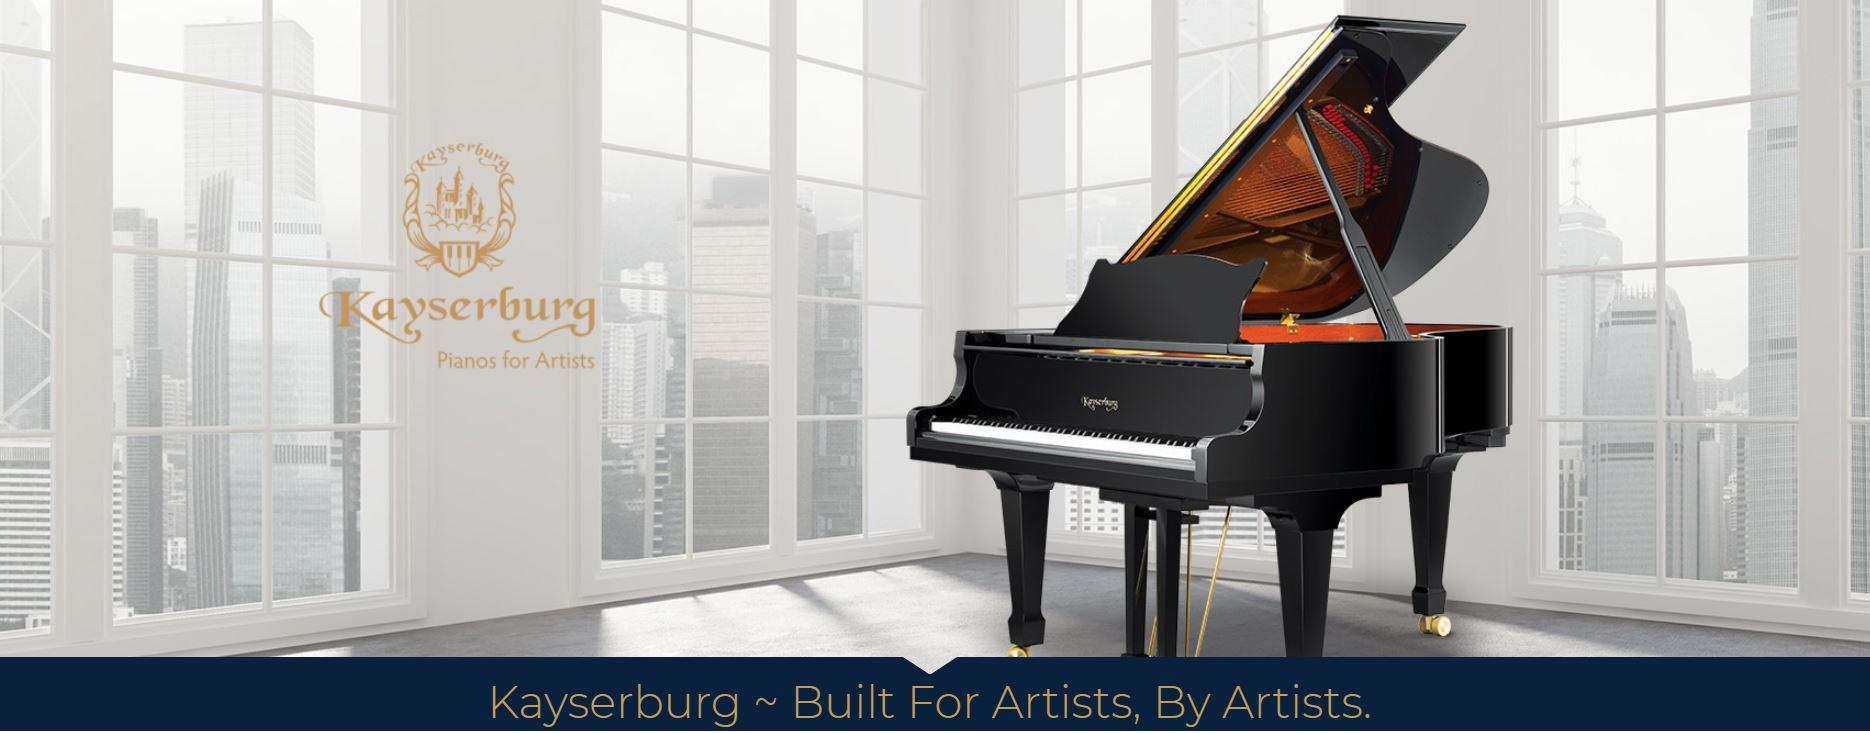 Kayserburg Artist Grand Piano